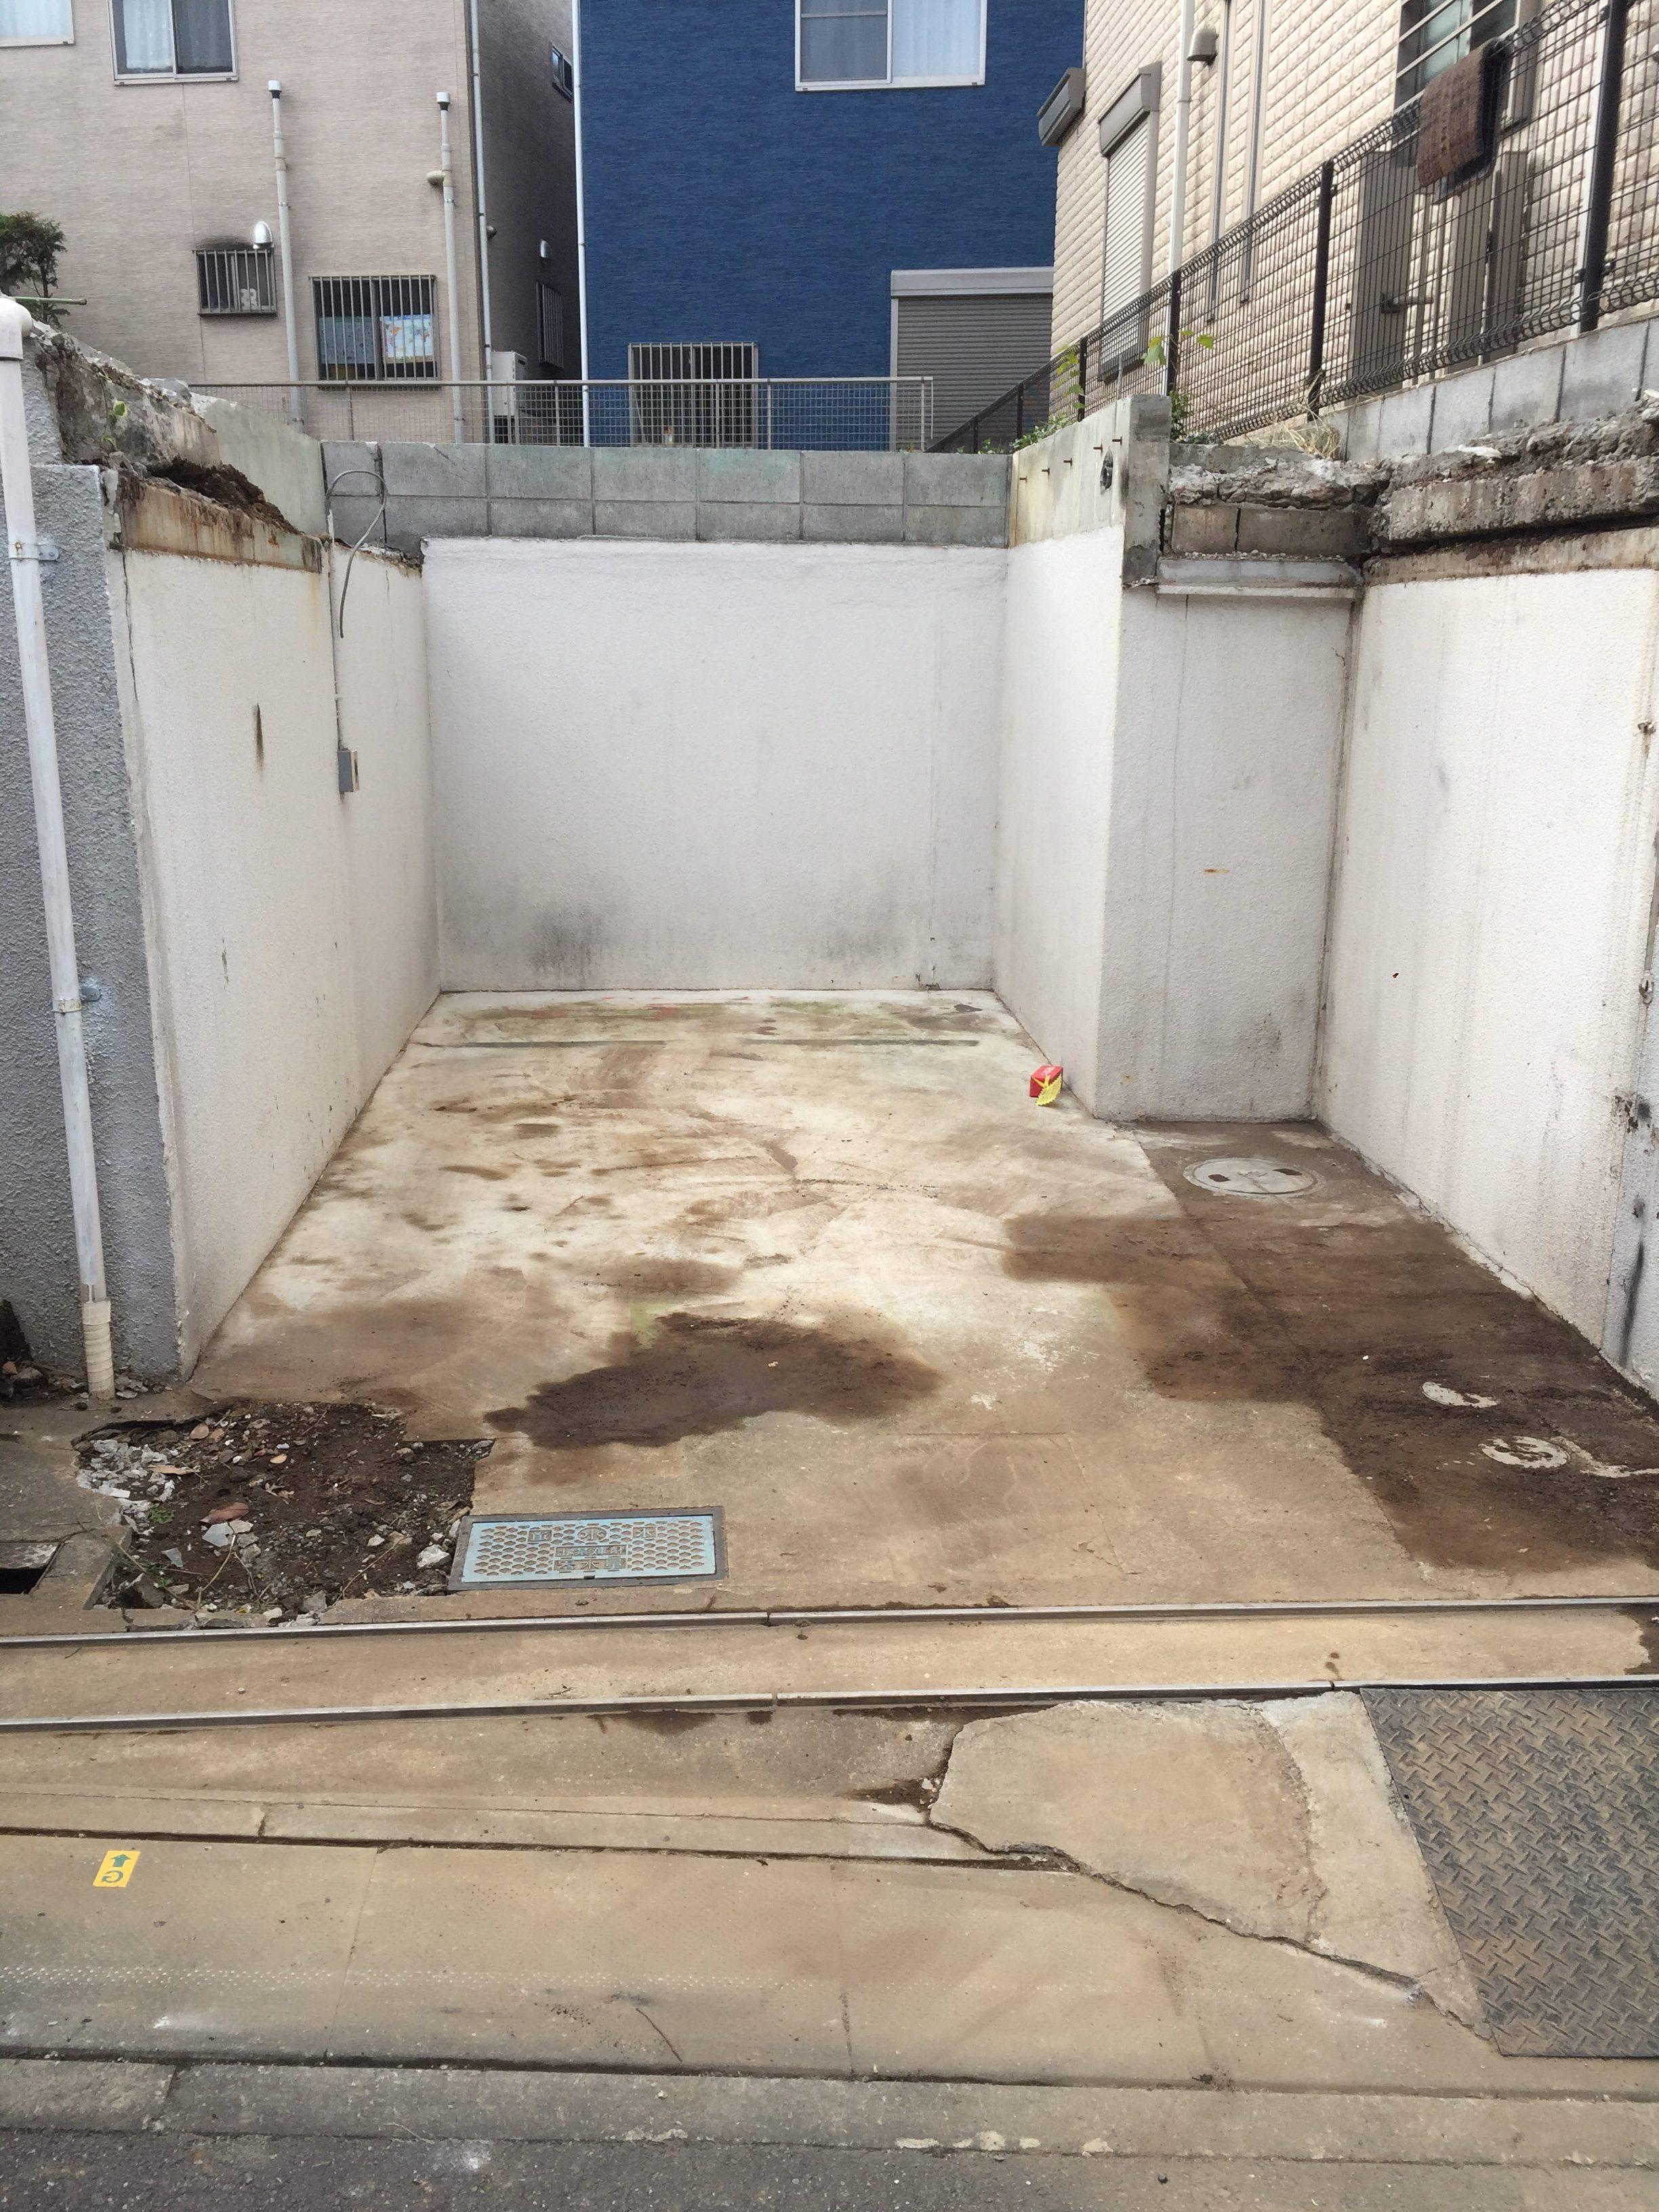 【家屋解体】解体現場の産業廃棄物収集を埼玉県さいたま市にて行った事例を紹介します。